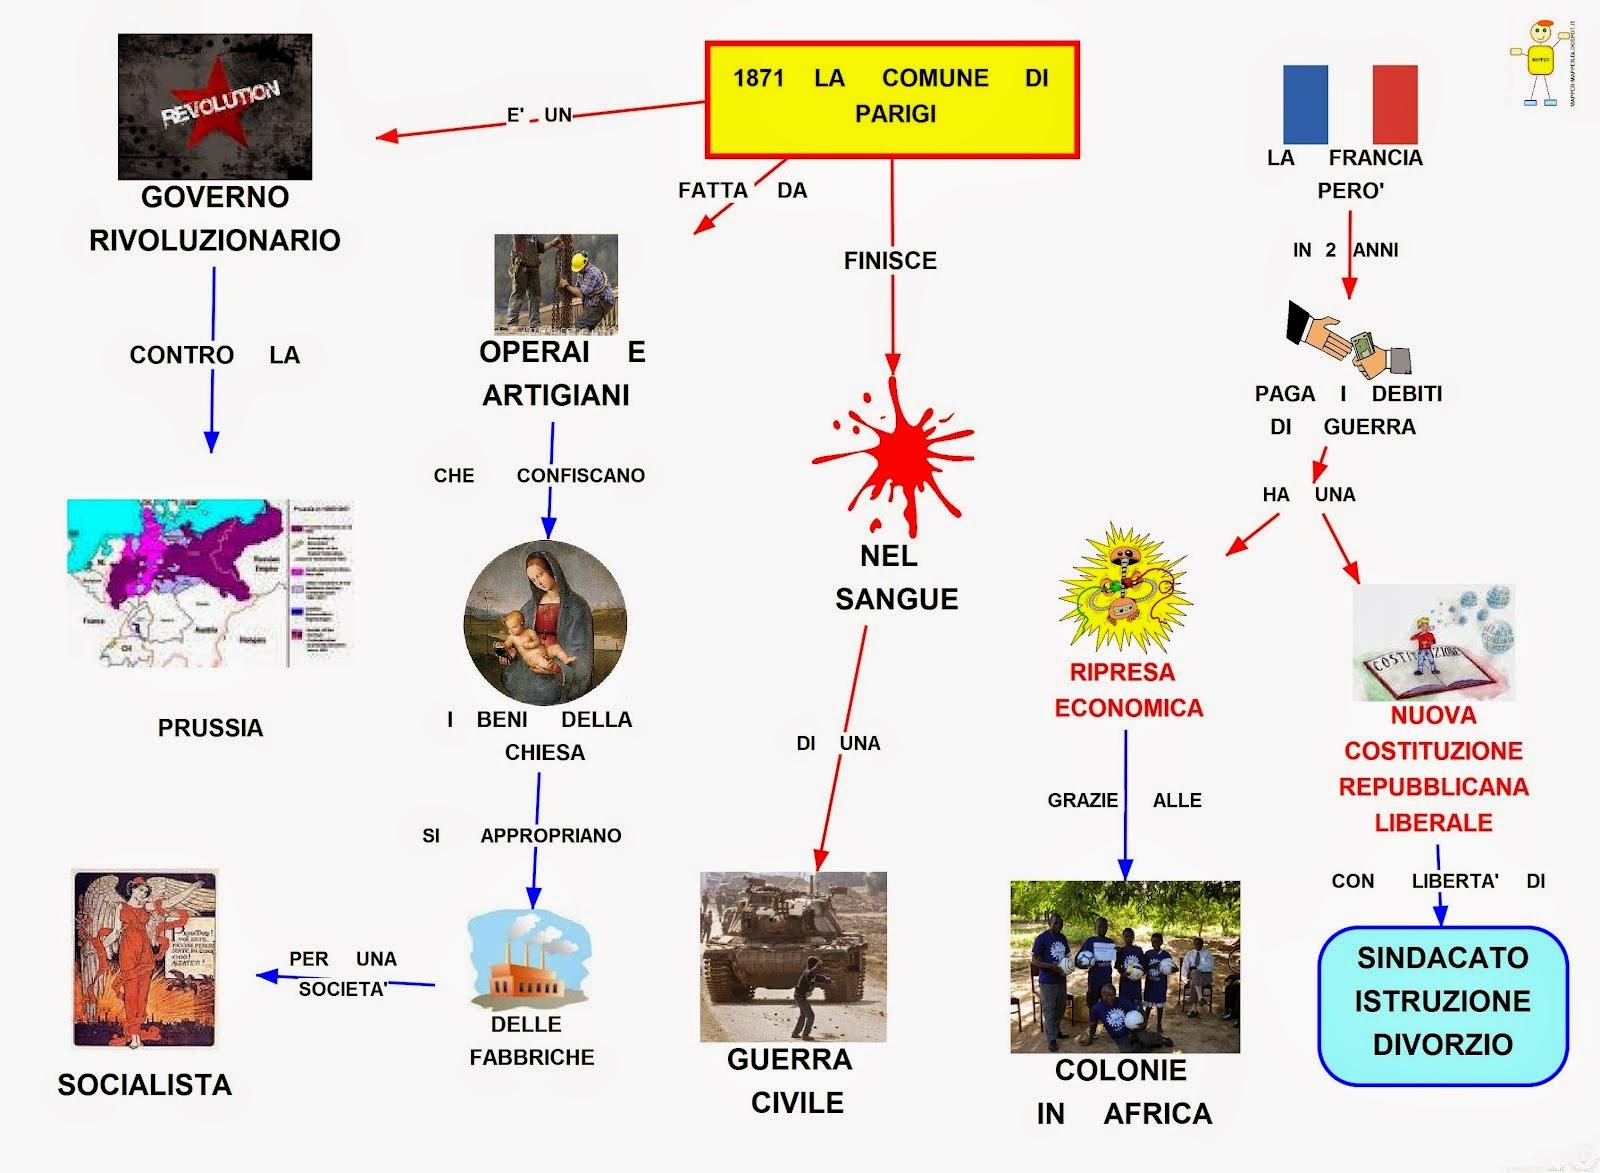 Cartina Politica Di Parigi.Mappa Concettuale La Comune Di Parigi Scuolissima Com